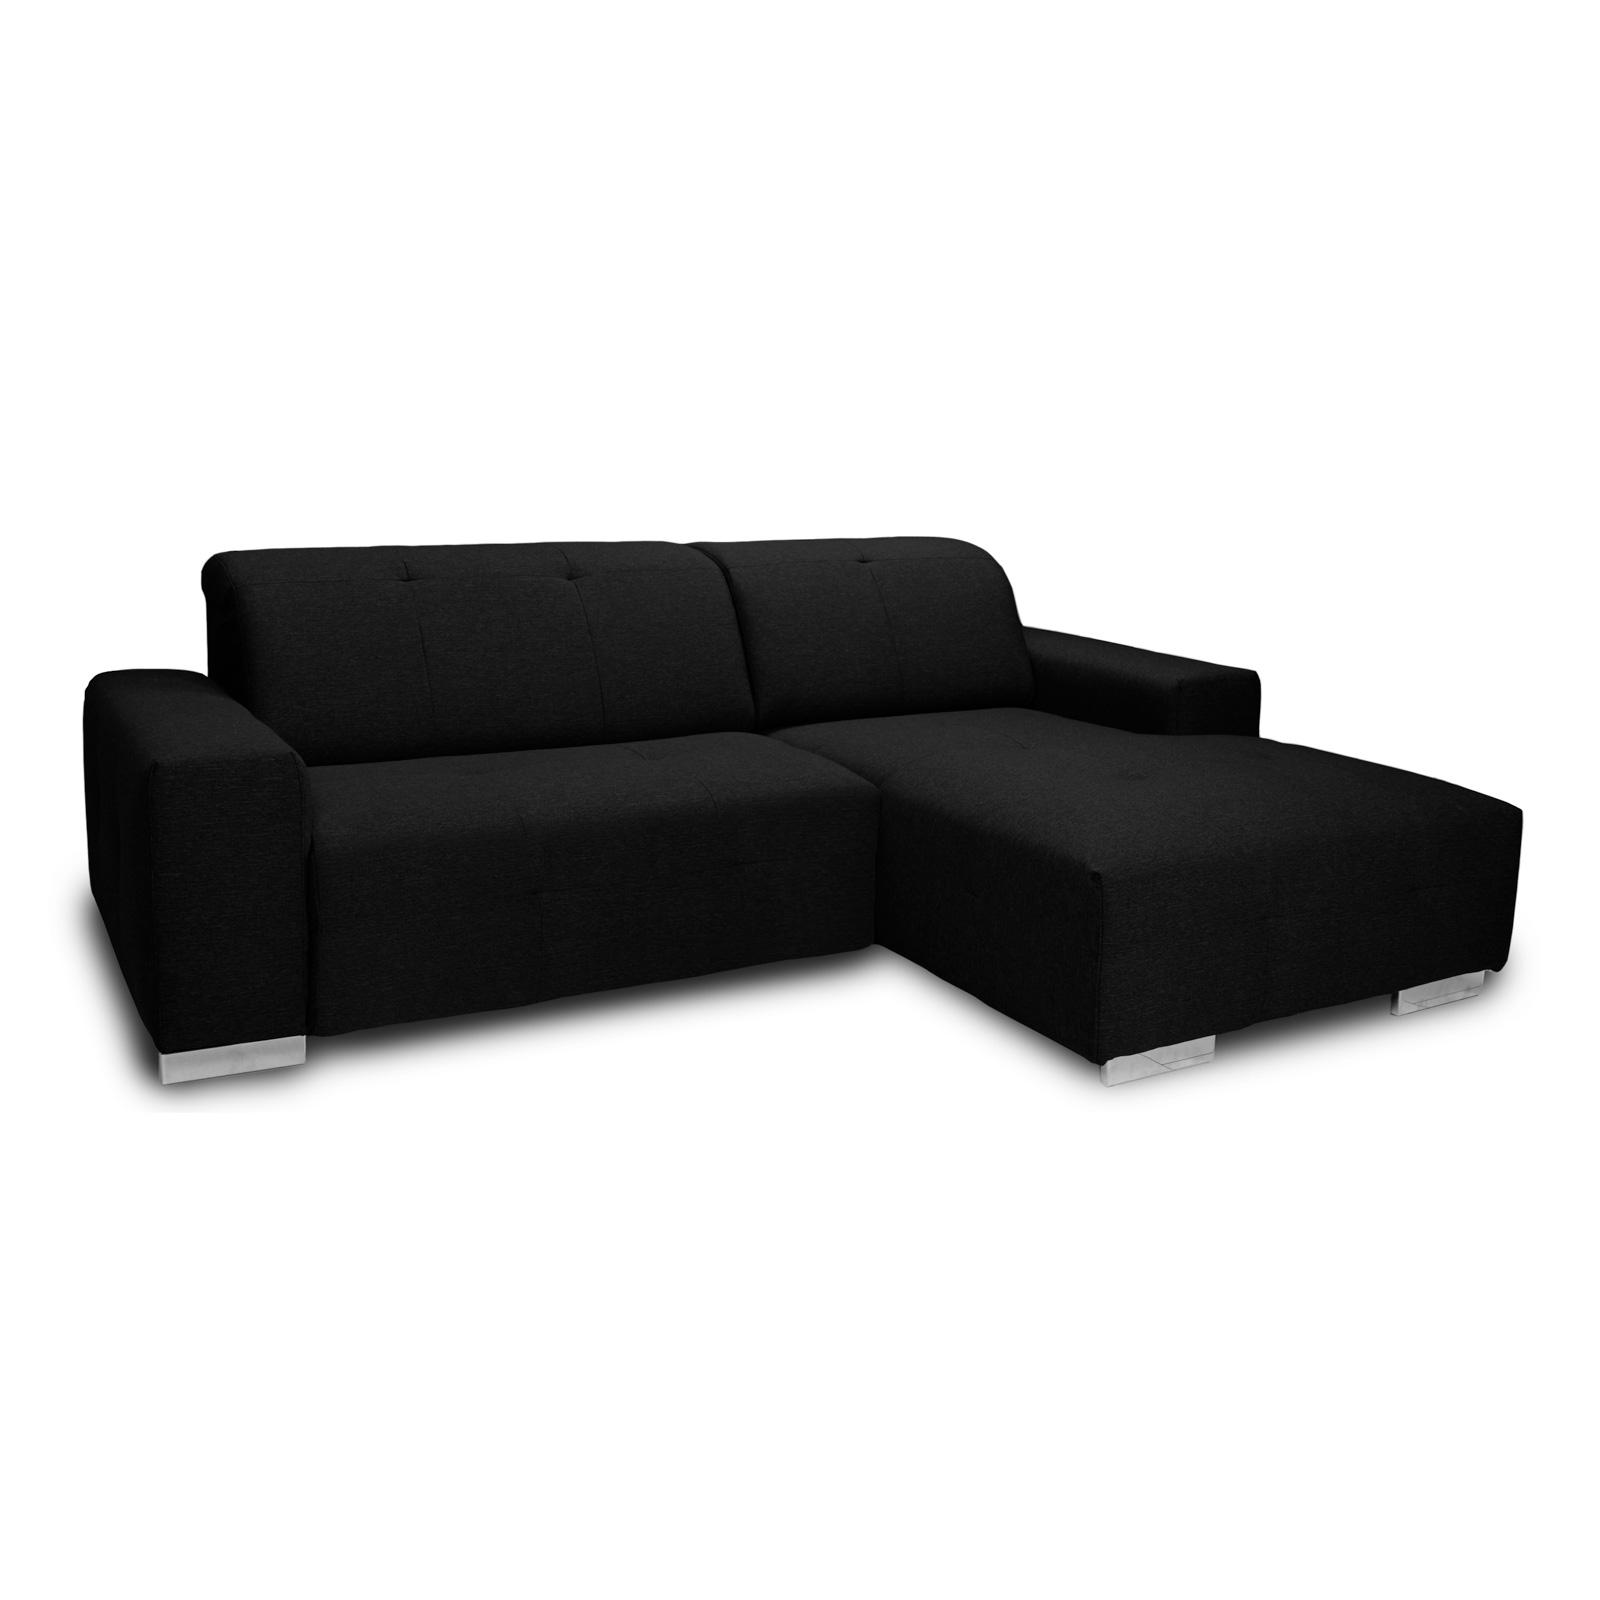 Ecksofa francisco sofa polsterecke wohnlandschaft mit for Wohnlandschaft ebay